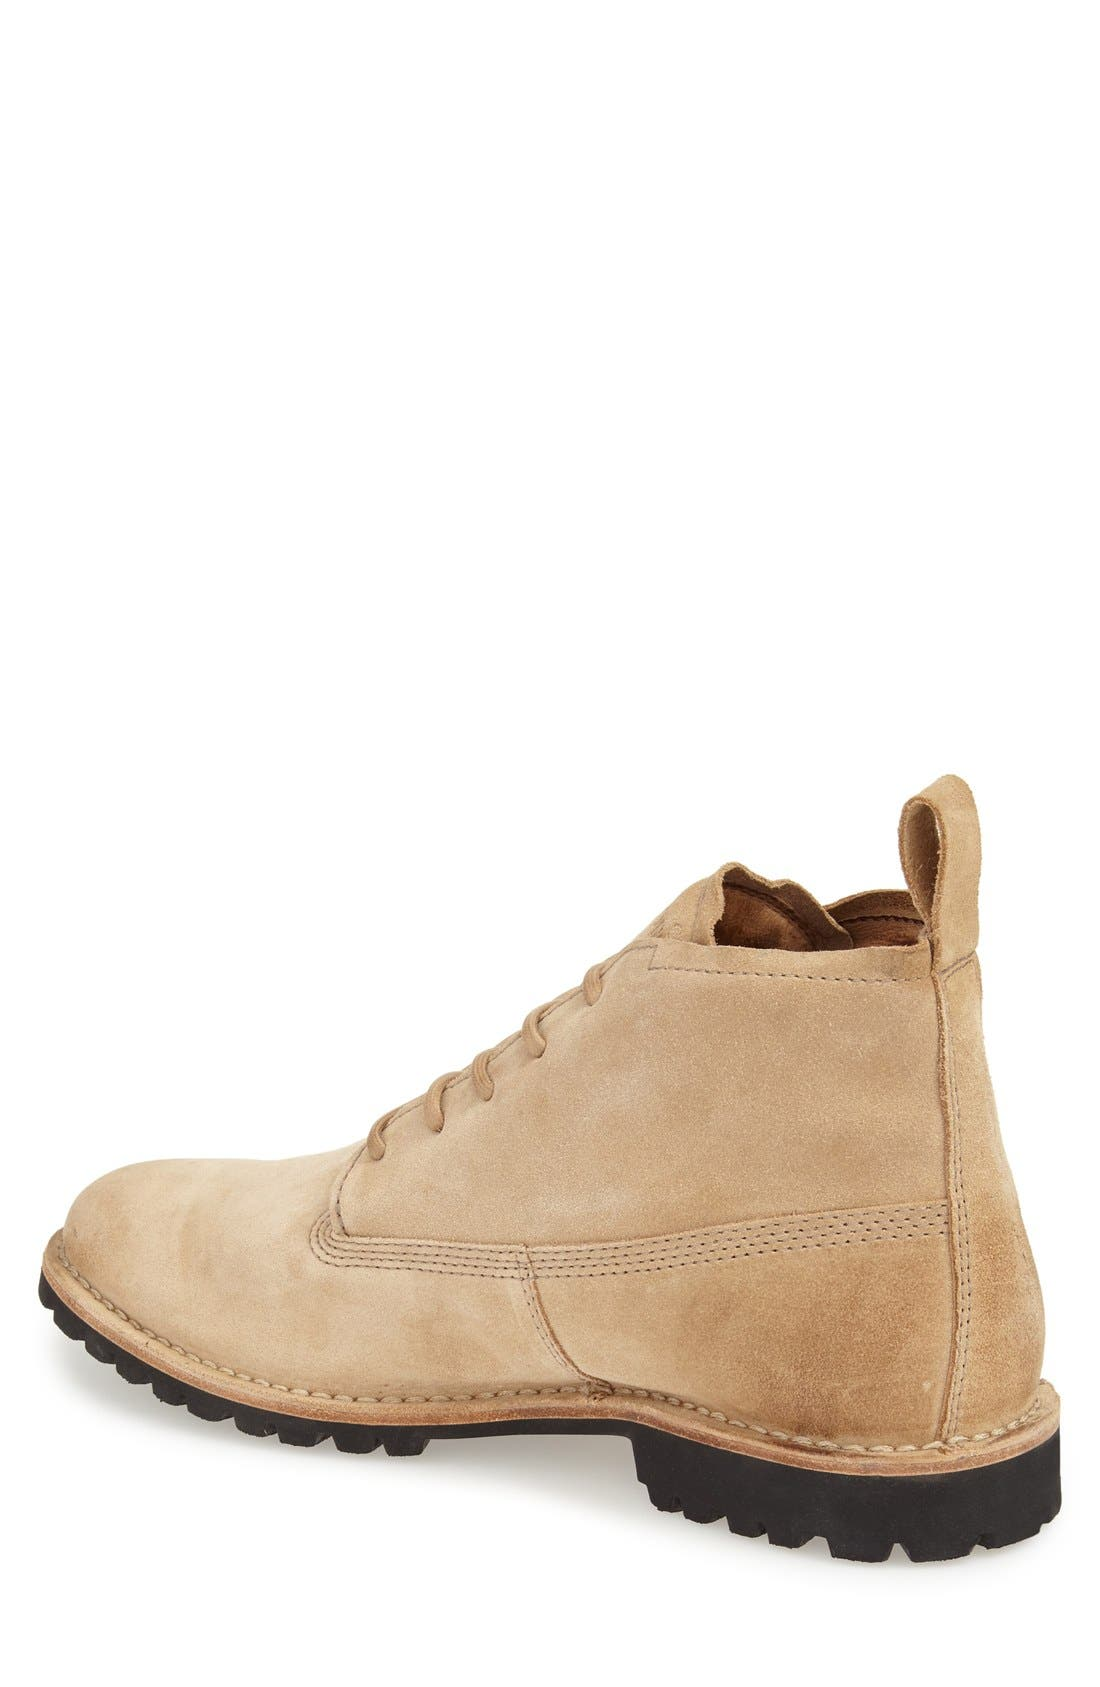 'KM07' Plain Toe Boot,                             Alternate thumbnail 5, color,